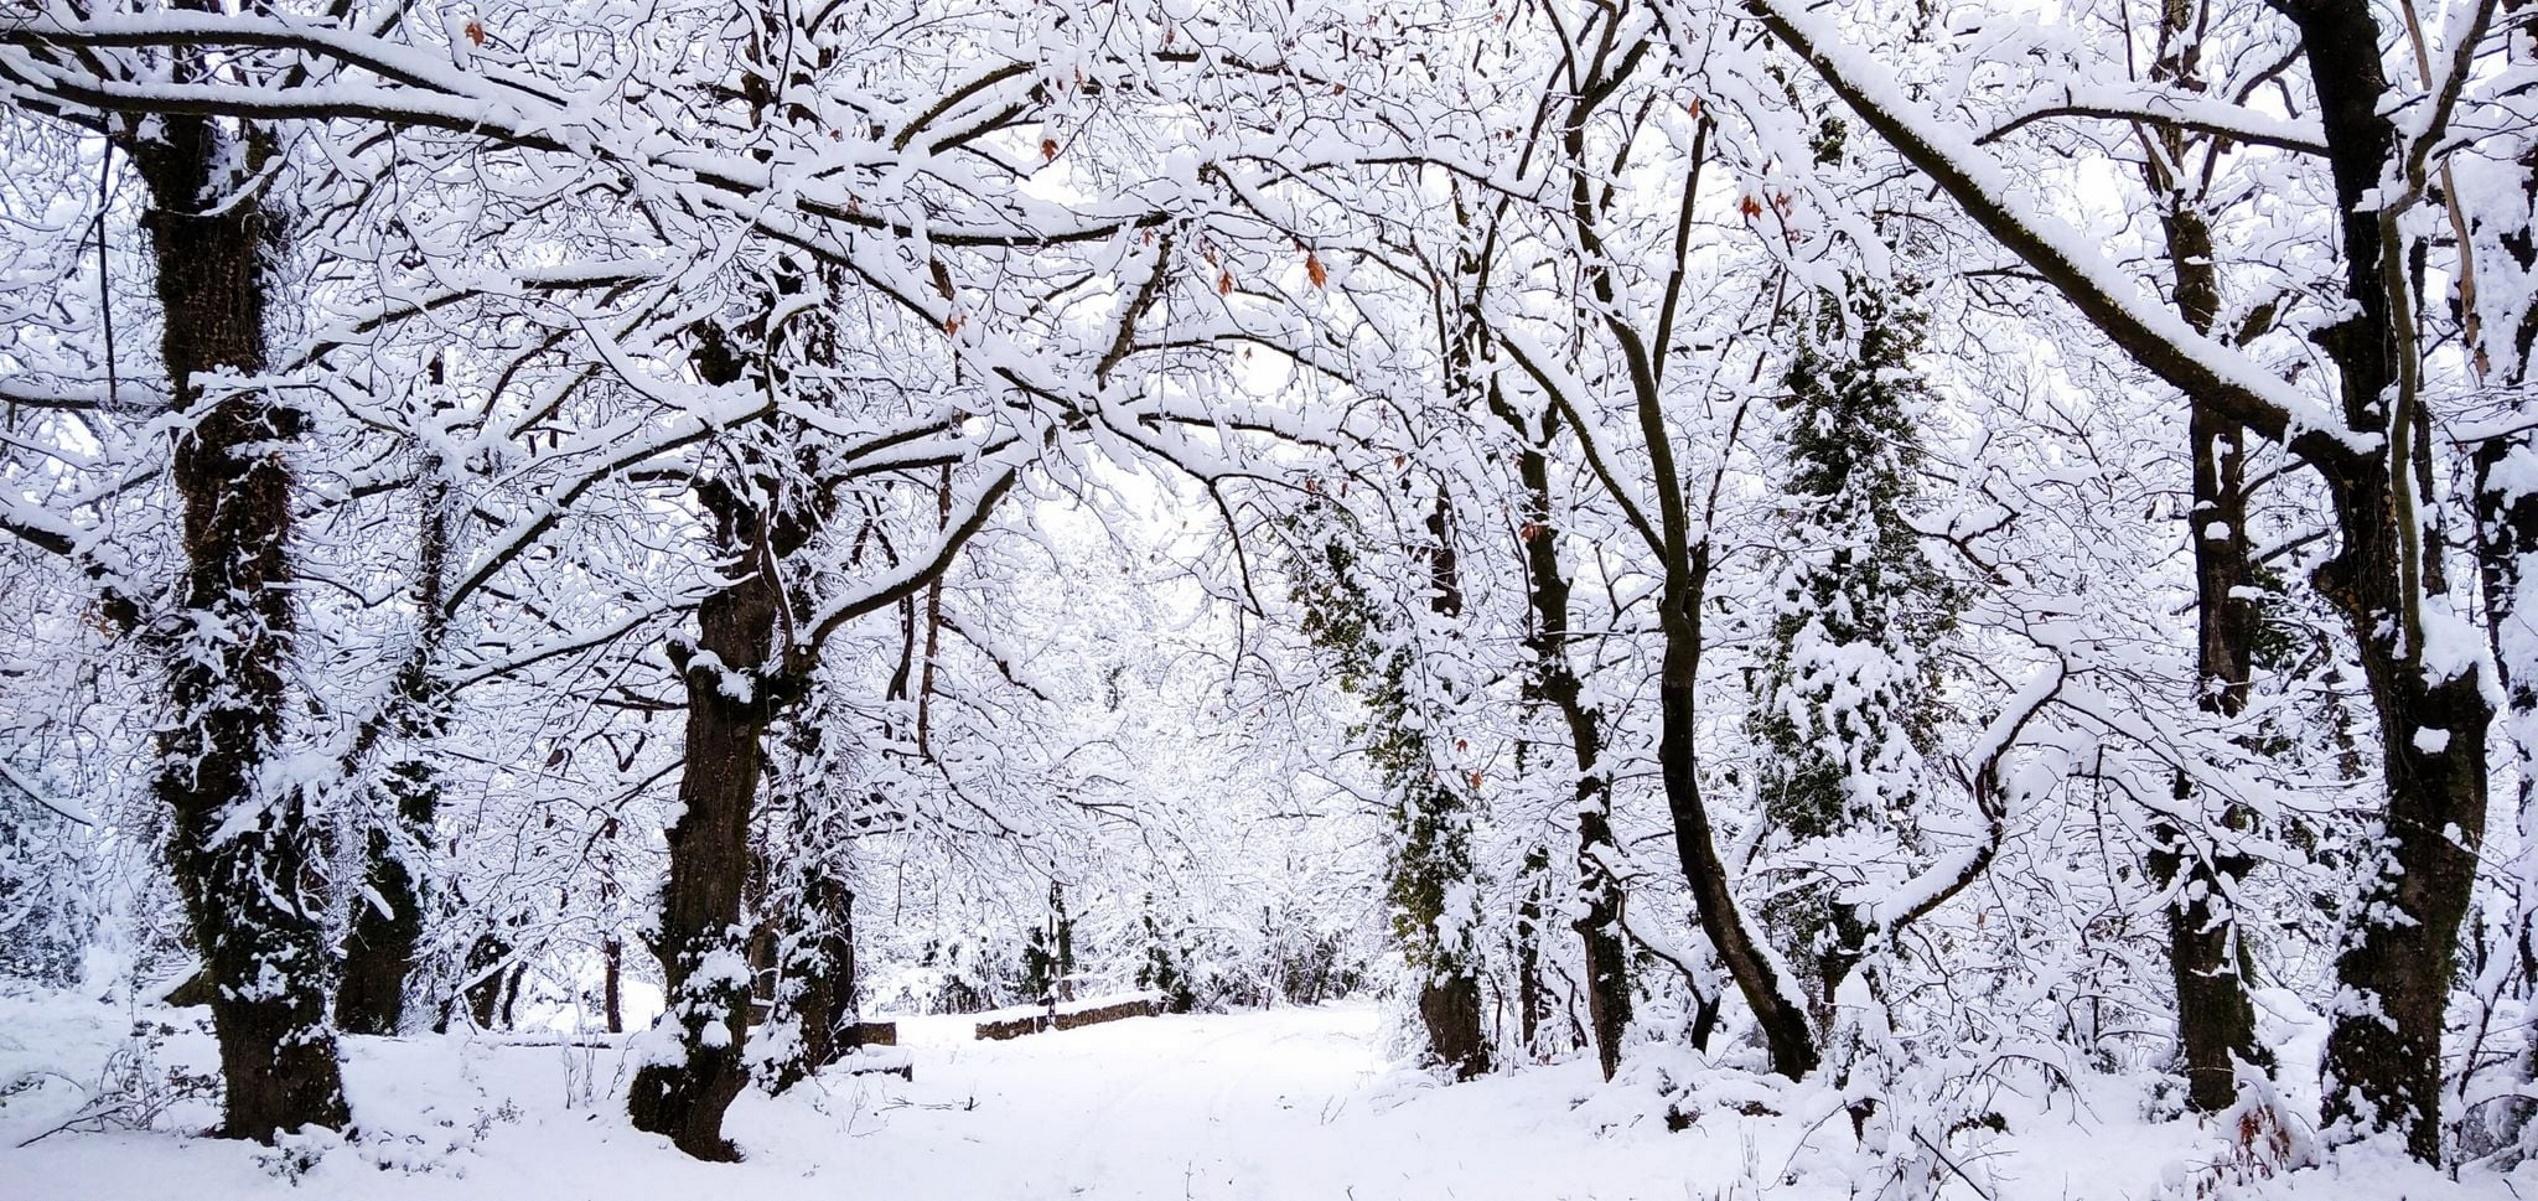 Καιρός: Χιόνια, βροχές και κλειστά σχολεία – Η κακοκαιρία «Λέανδρος» δοκιμάζει ξανά τη χώρα (pics, video)